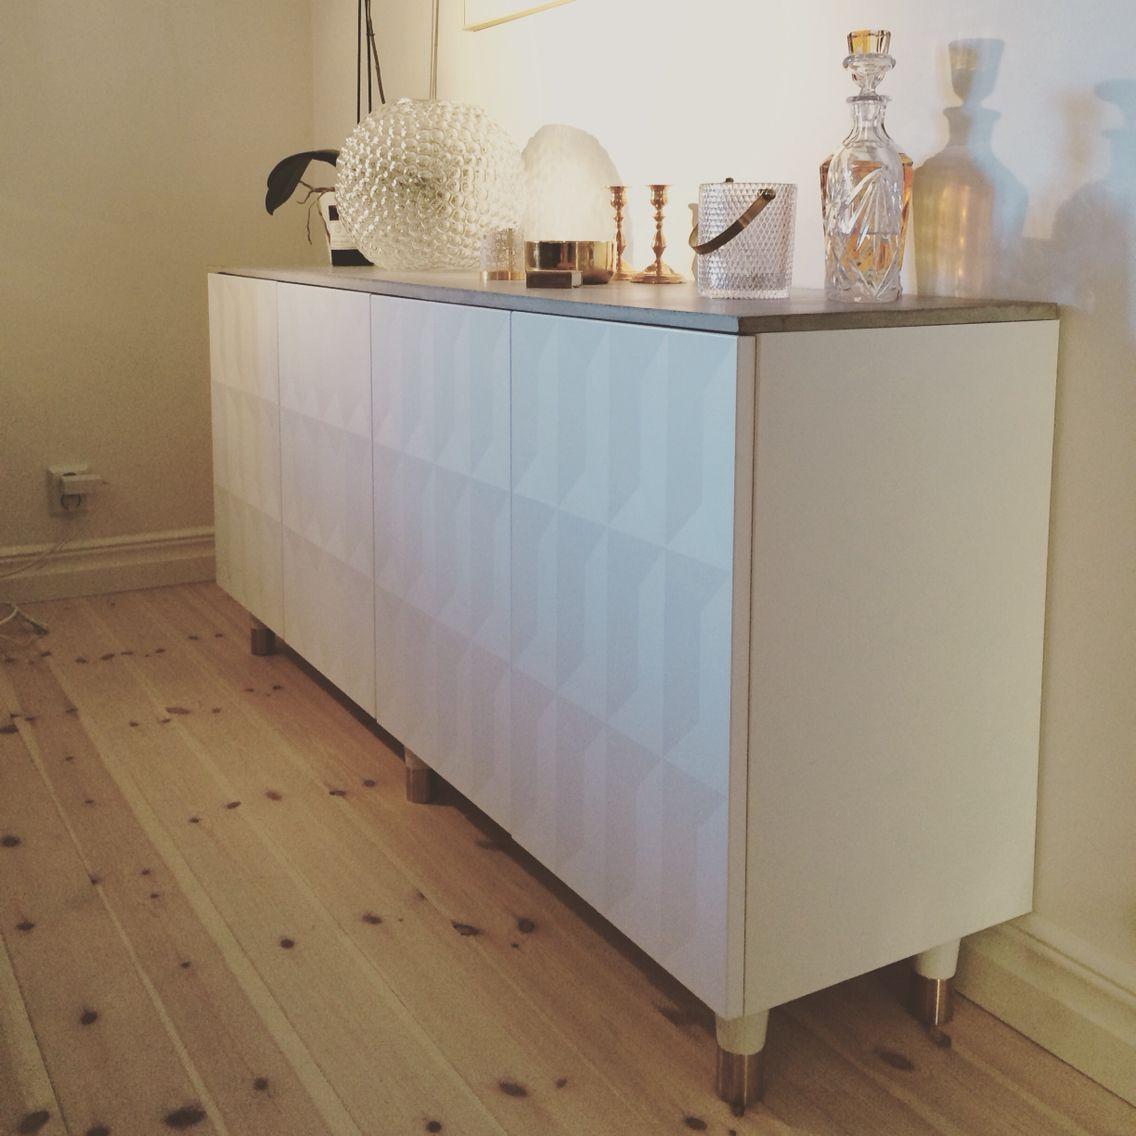 sideboard gjord av v ggsk p metod fr n ikea gjuten betongskiva och ben fr n pretty pegs. Black Bedroom Furniture Sets. Home Design Ideas